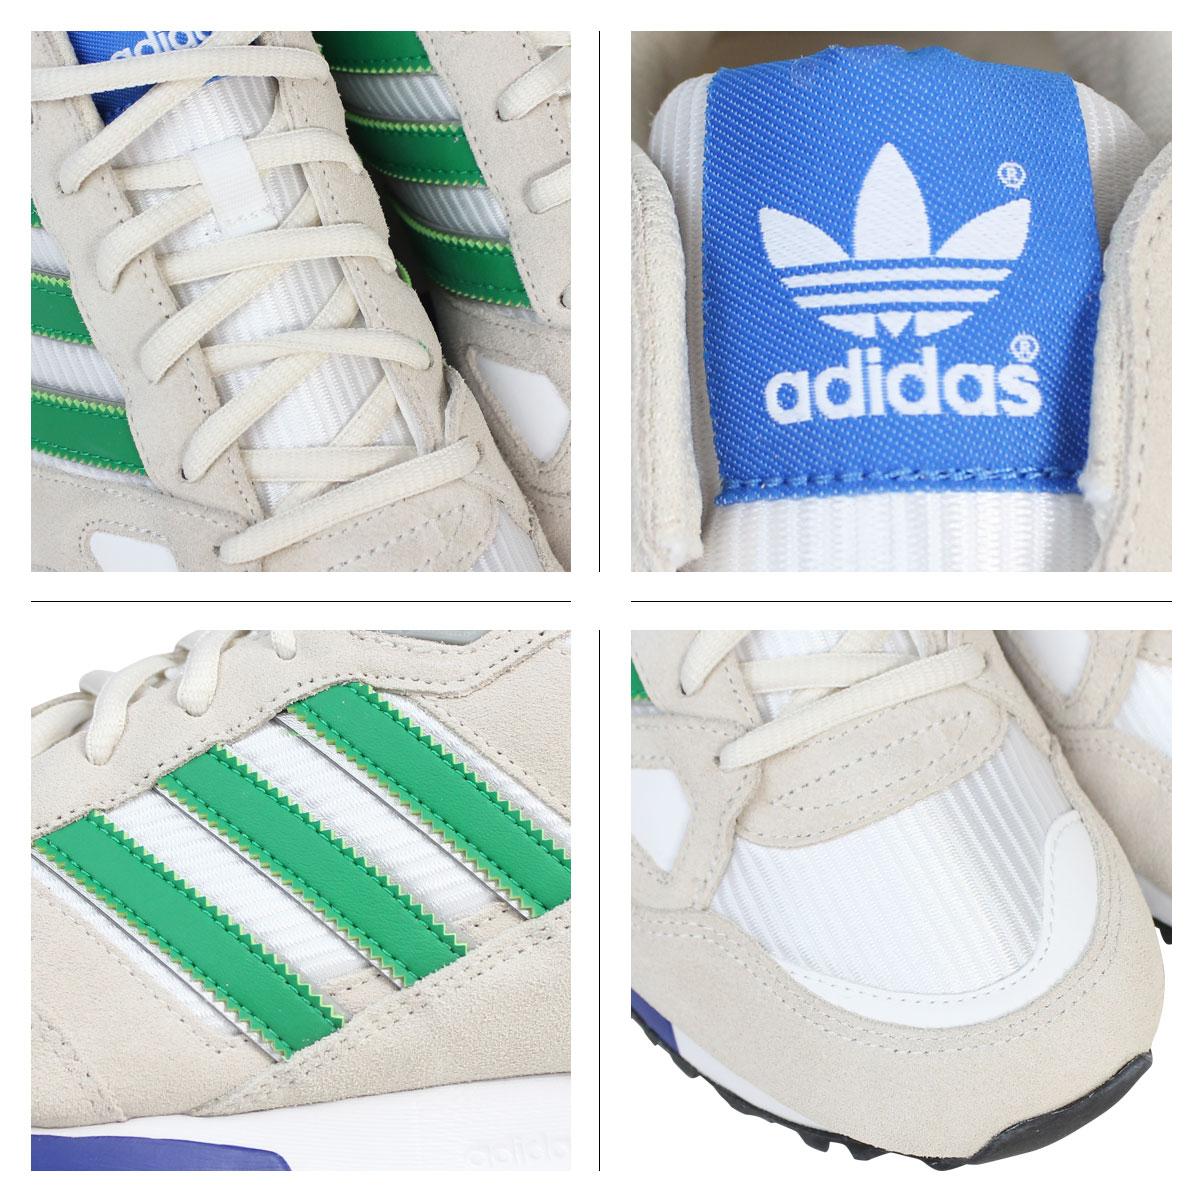 Adidas Zx 750 Verde Blanco a3nCwur